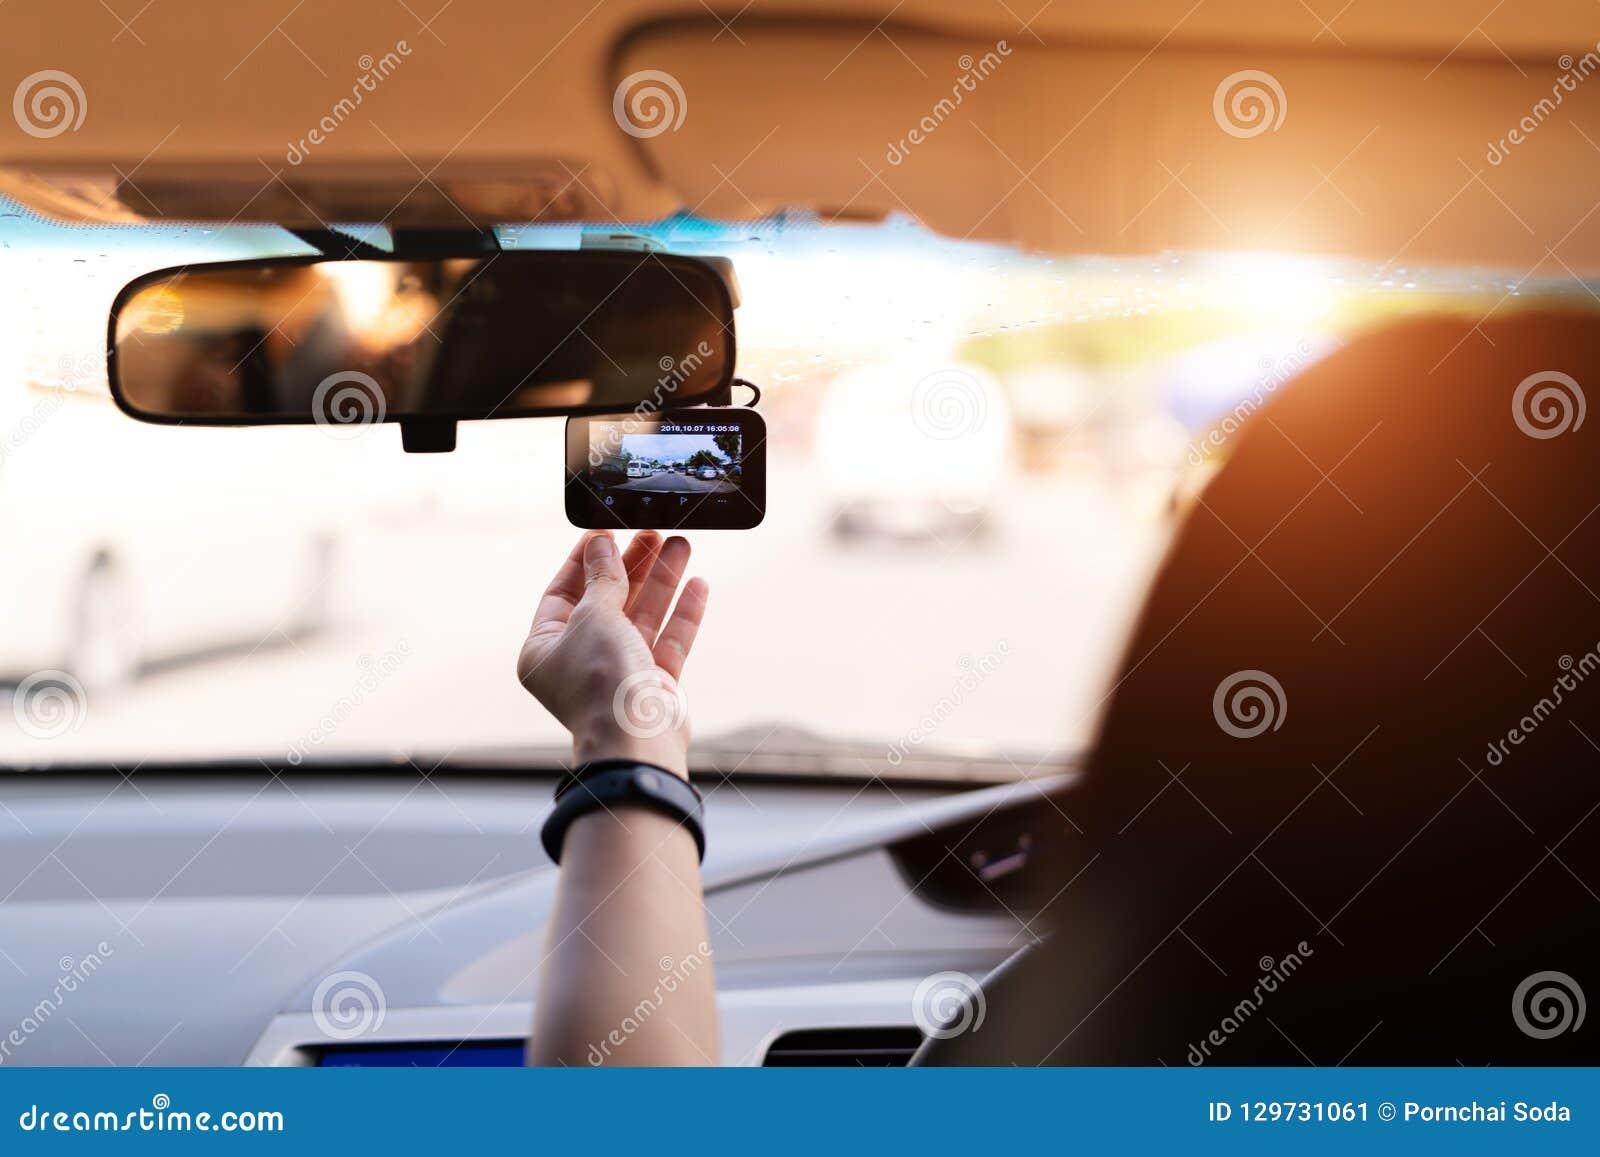 Μπροστινό όργανο καταγραφής αυτοκινήτων καμερών, καθορισμένο βίντεο εγγραφής γυναικών δίπλα σε έναν οπισθοσκόπο καθρέφτη